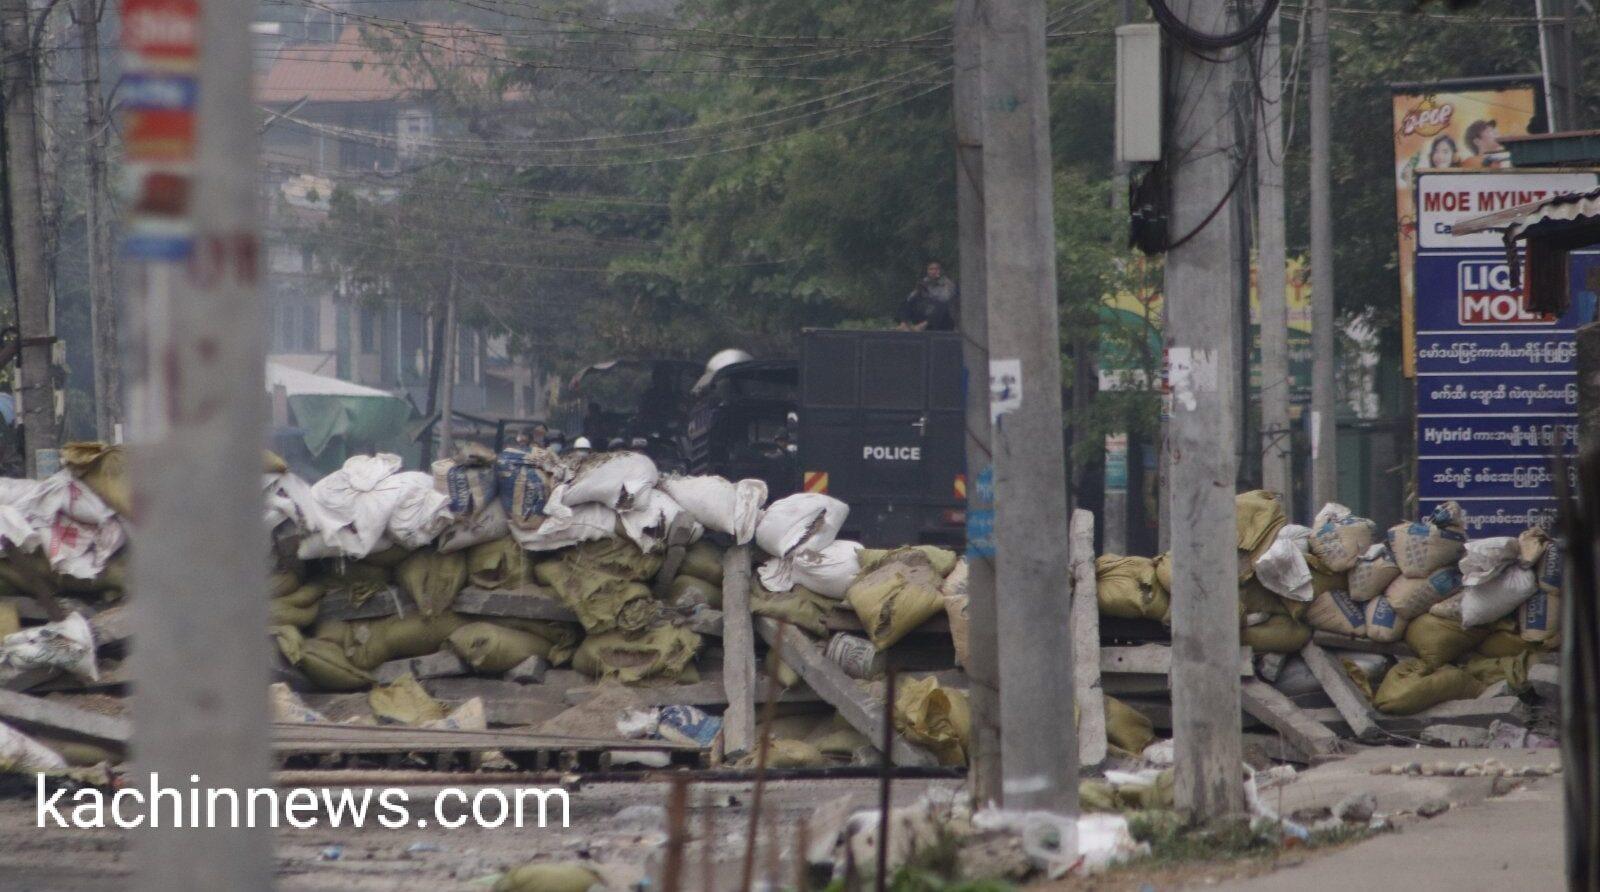 ဆန္ဒပြသူများကို ရဲနှင့် စစ်သားများ ပိတ်ဆို့ပစ်ခတ်သဖြင့် ပြည်သူ ၁ ဦး ကျဆုံး